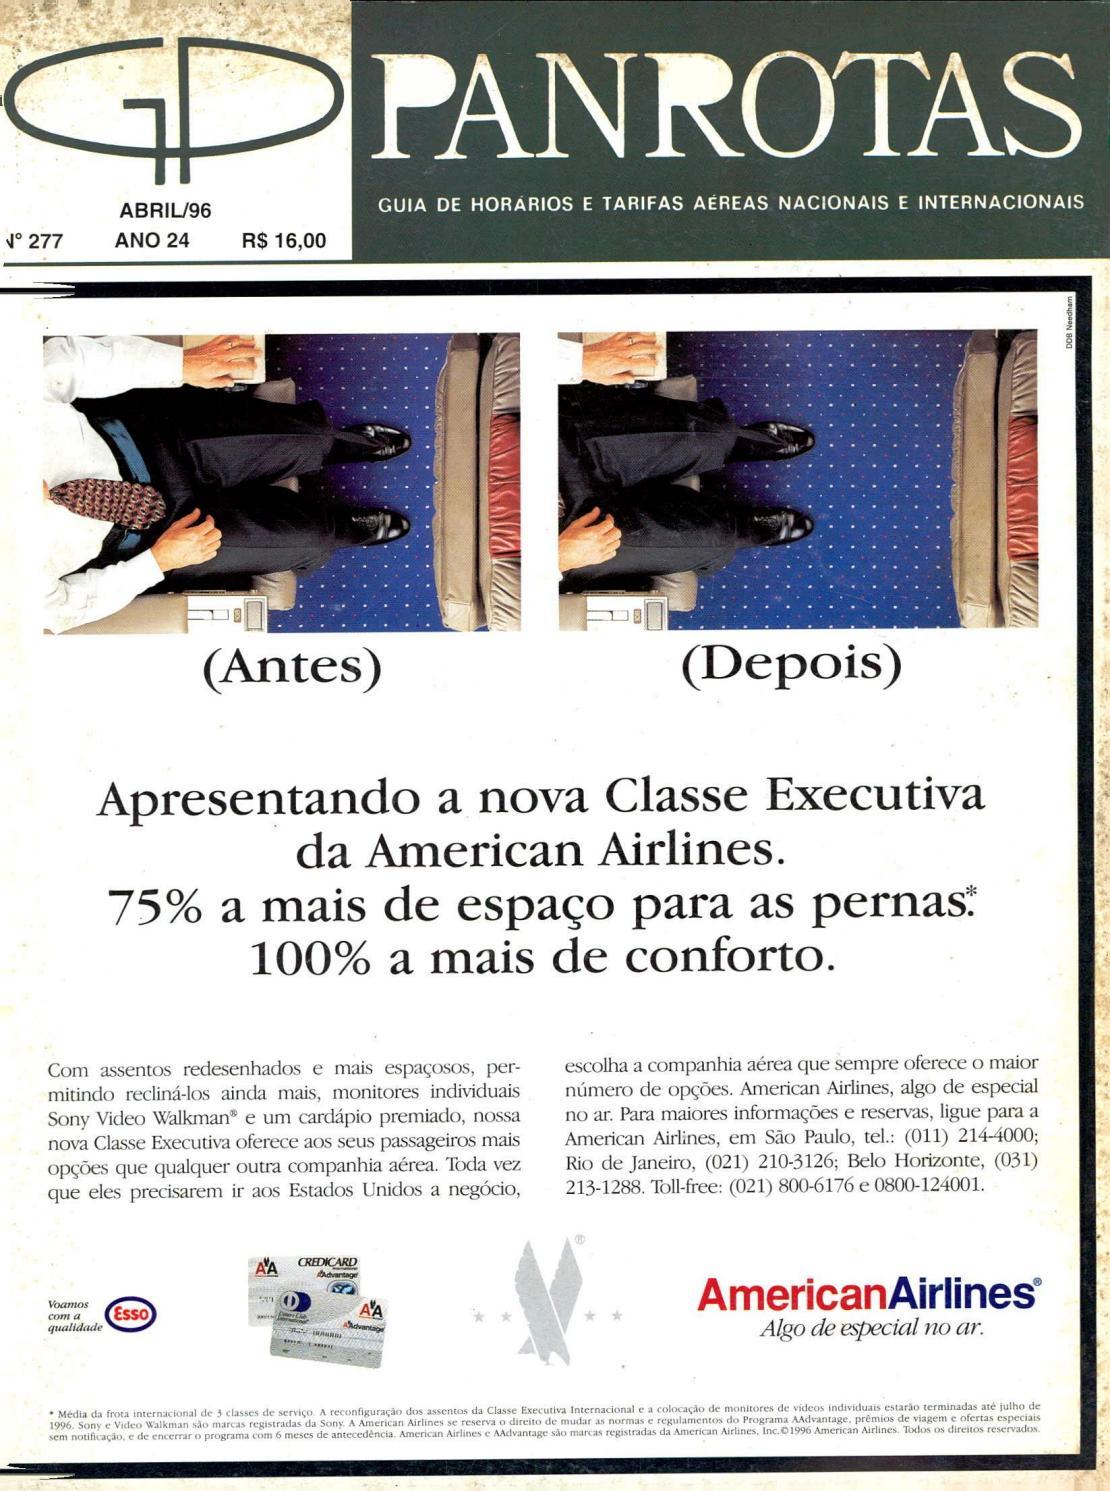 Guia PANROTAS - Edição 277 - Abril 1996 by PANROTAS Editora - issuu 8b6b7f5583